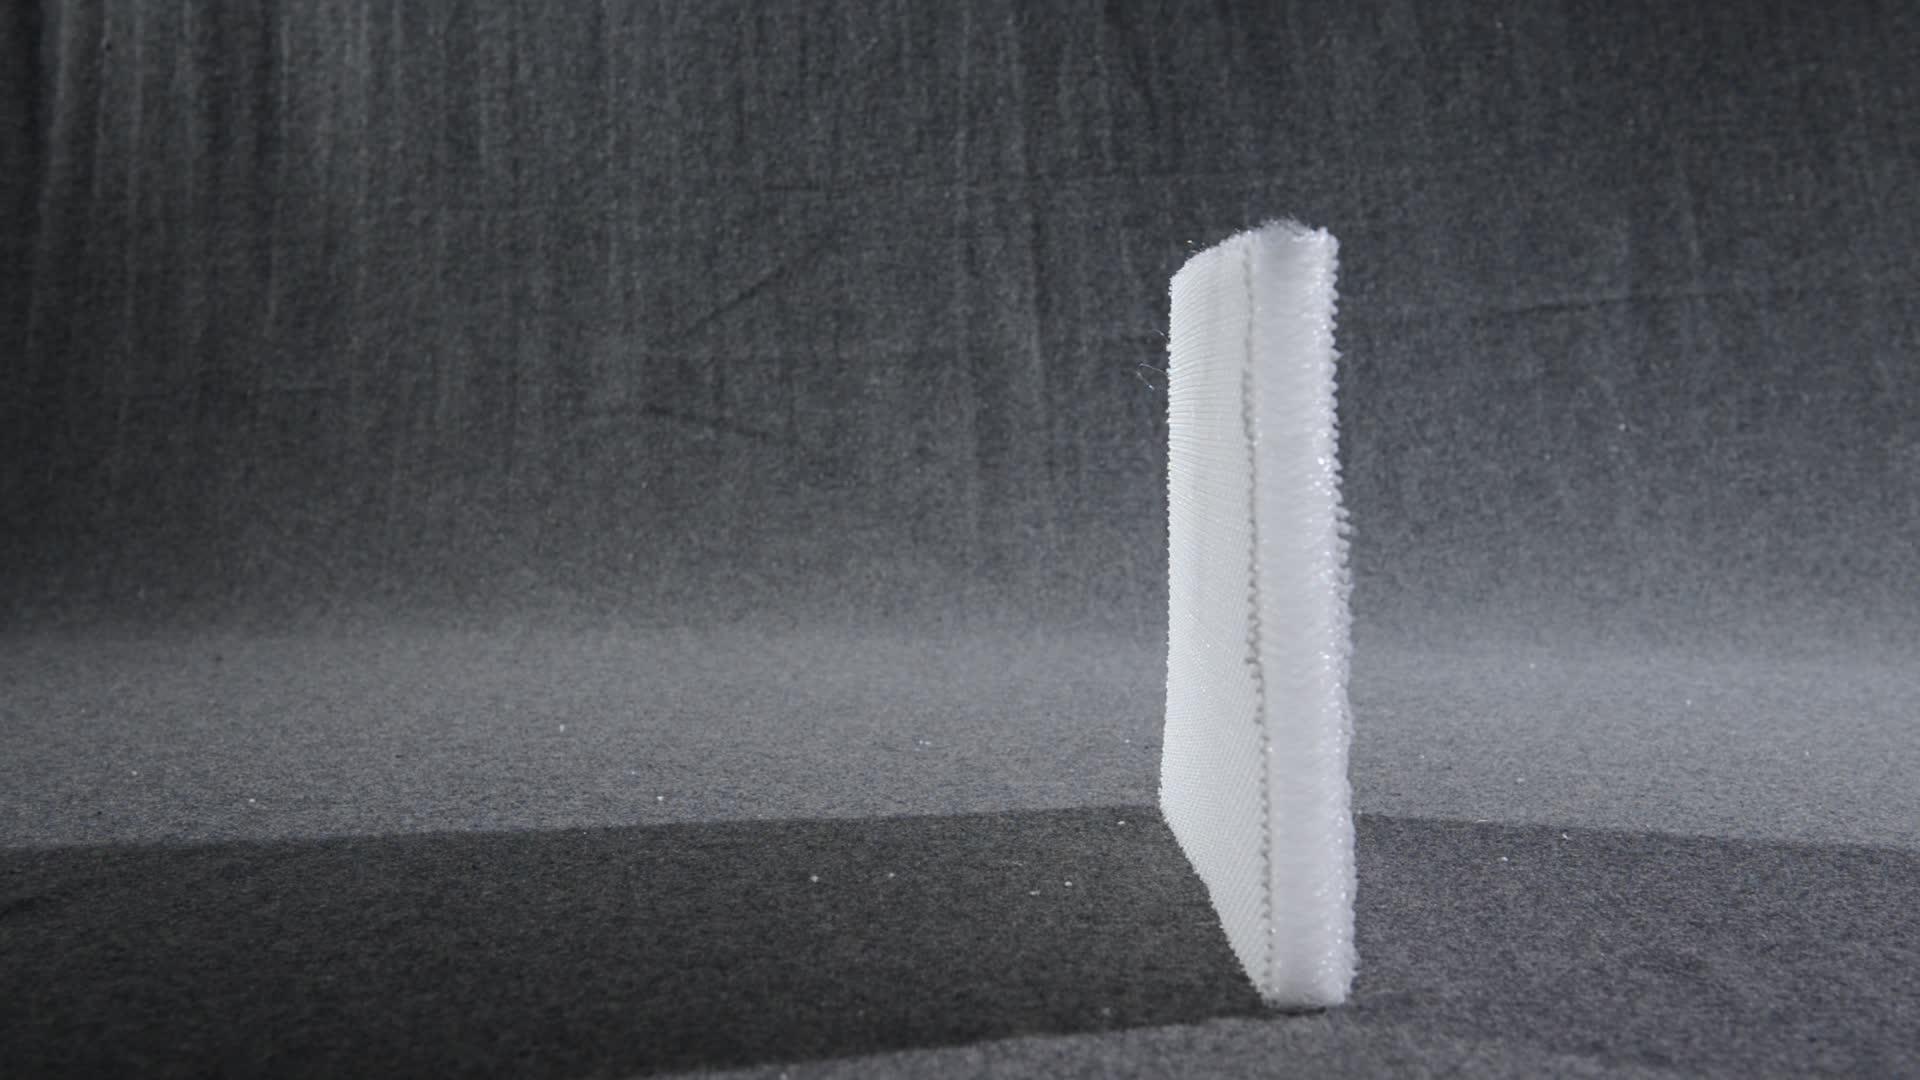 ハイレベル Anran 環境にやさしいポリエステルメッシュ生地マットレスクッション看護マットベビーヘッド整形枕